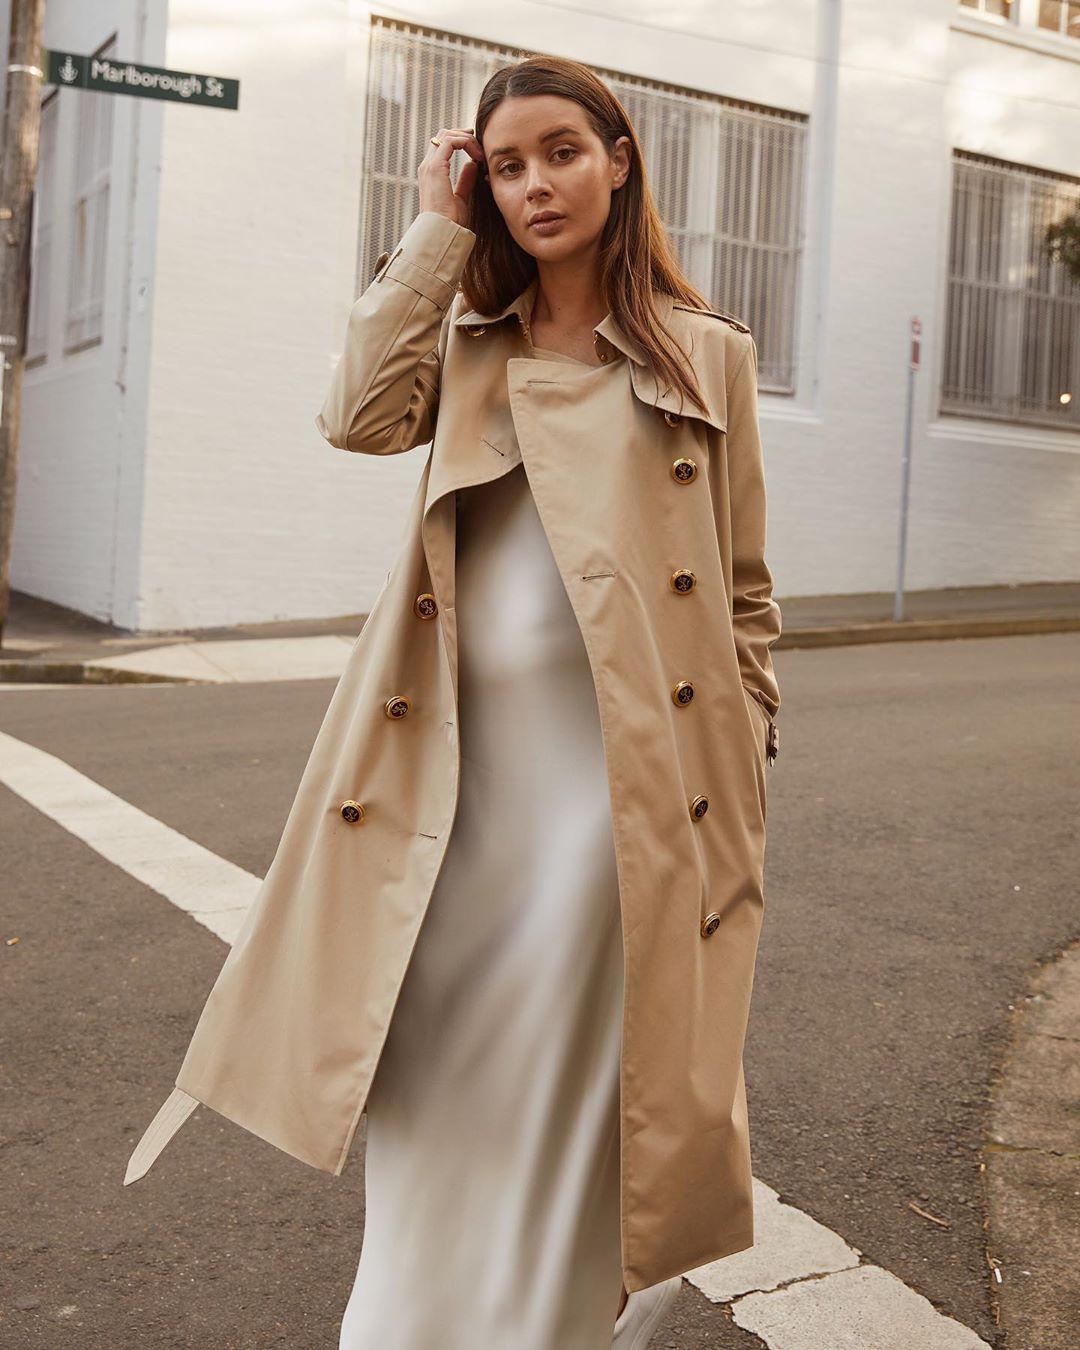 sara crampton mặc áo trench coat và đầm trắng